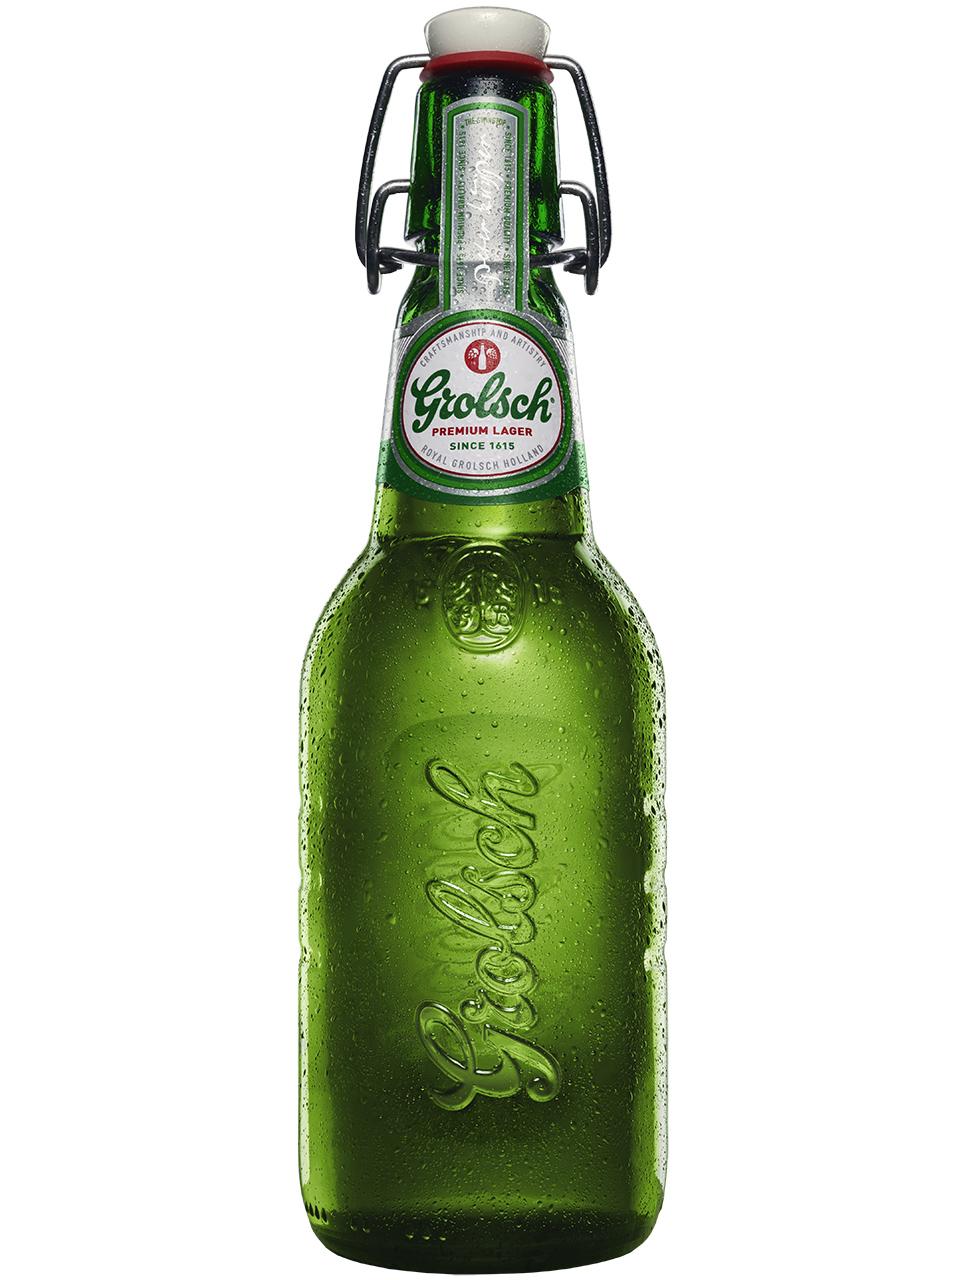 Grolsch Premium Lager 4 Pack Bottles